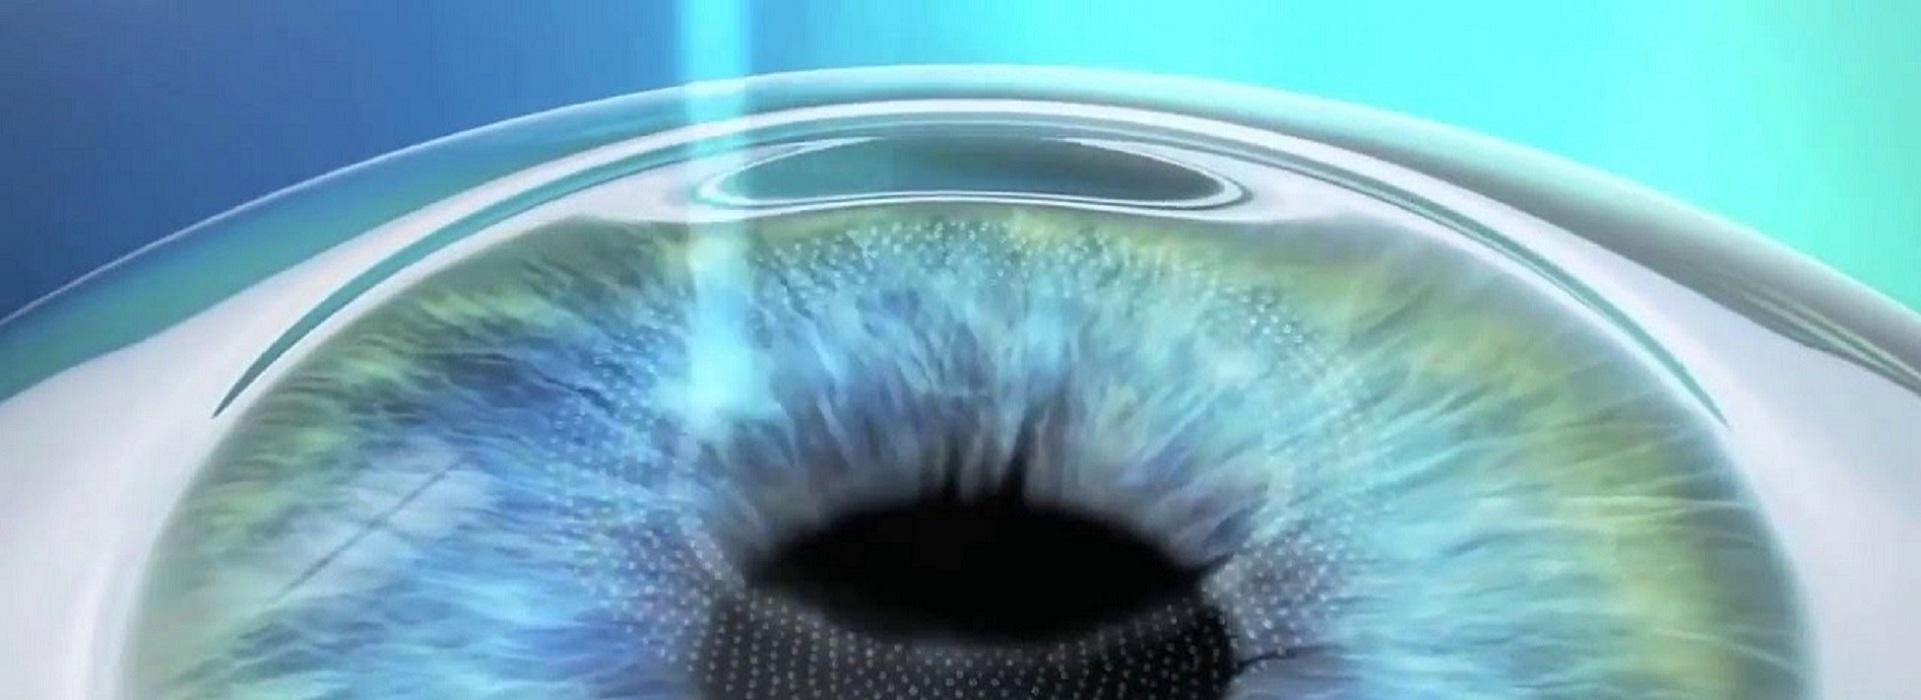 prix opération des yeux au laser marseille